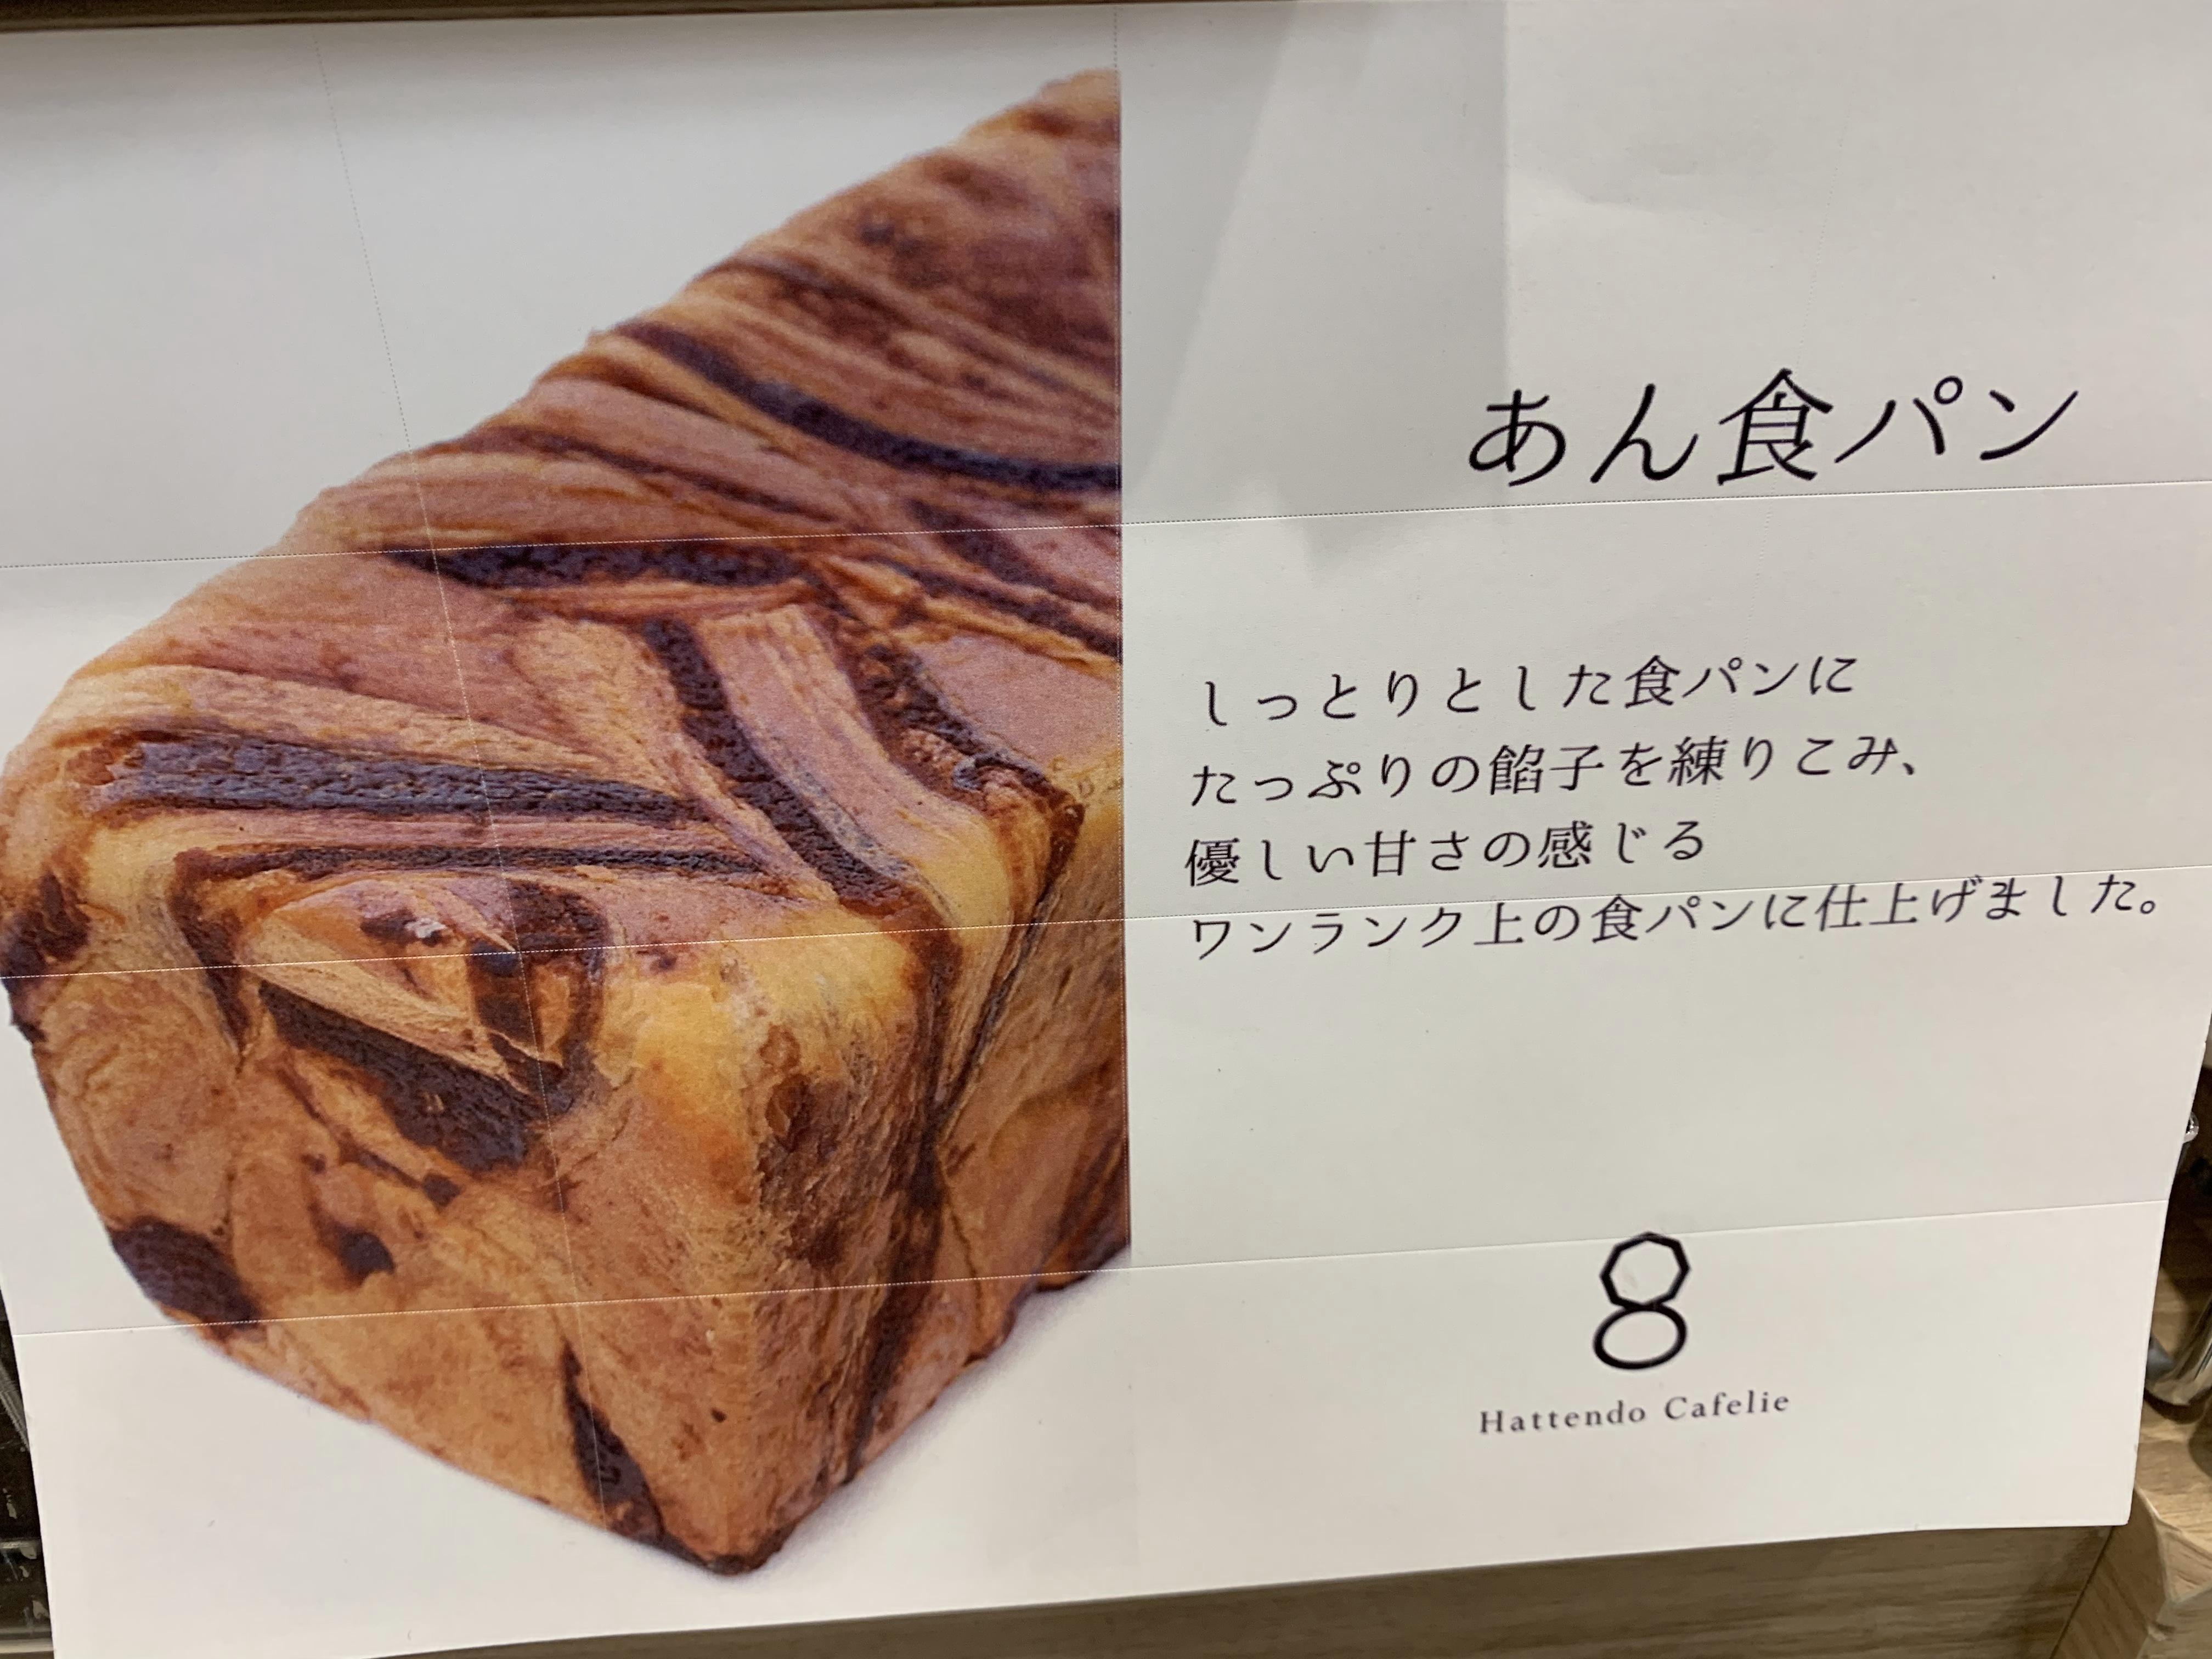 八天堂のあん食パンの味の感想・値段はいくら?